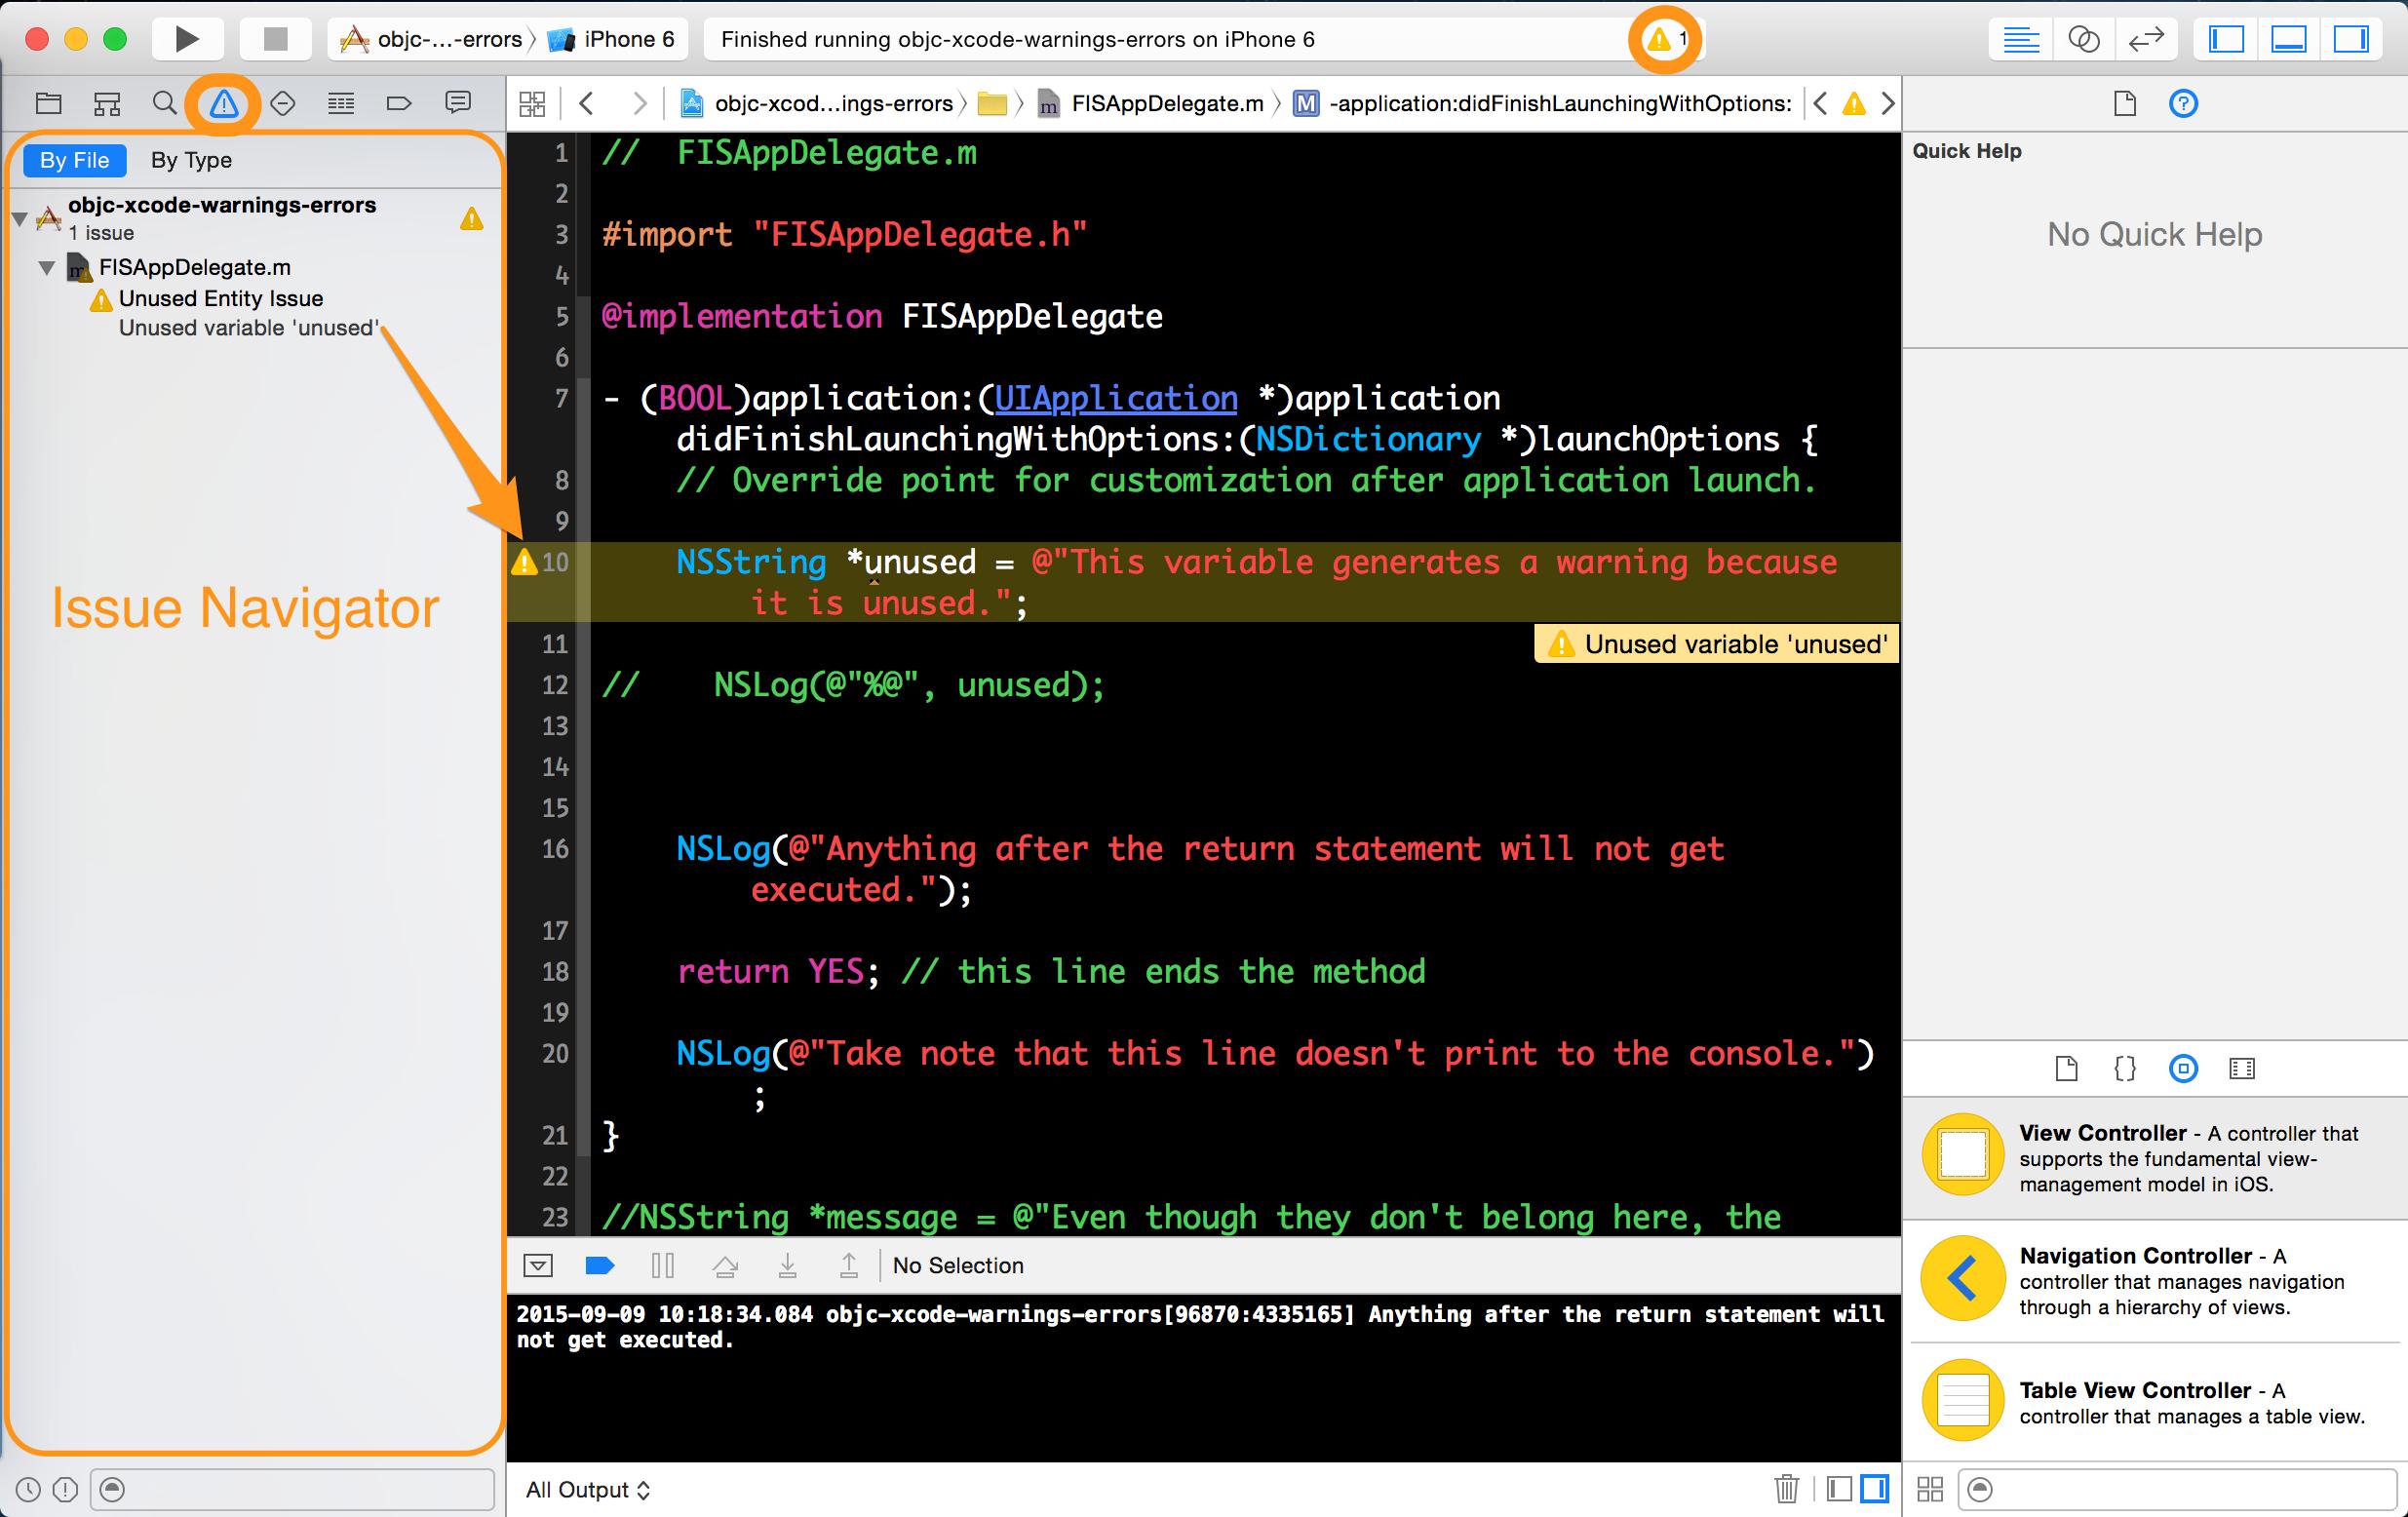 Objc Xcode Warnings Errors - Learn co